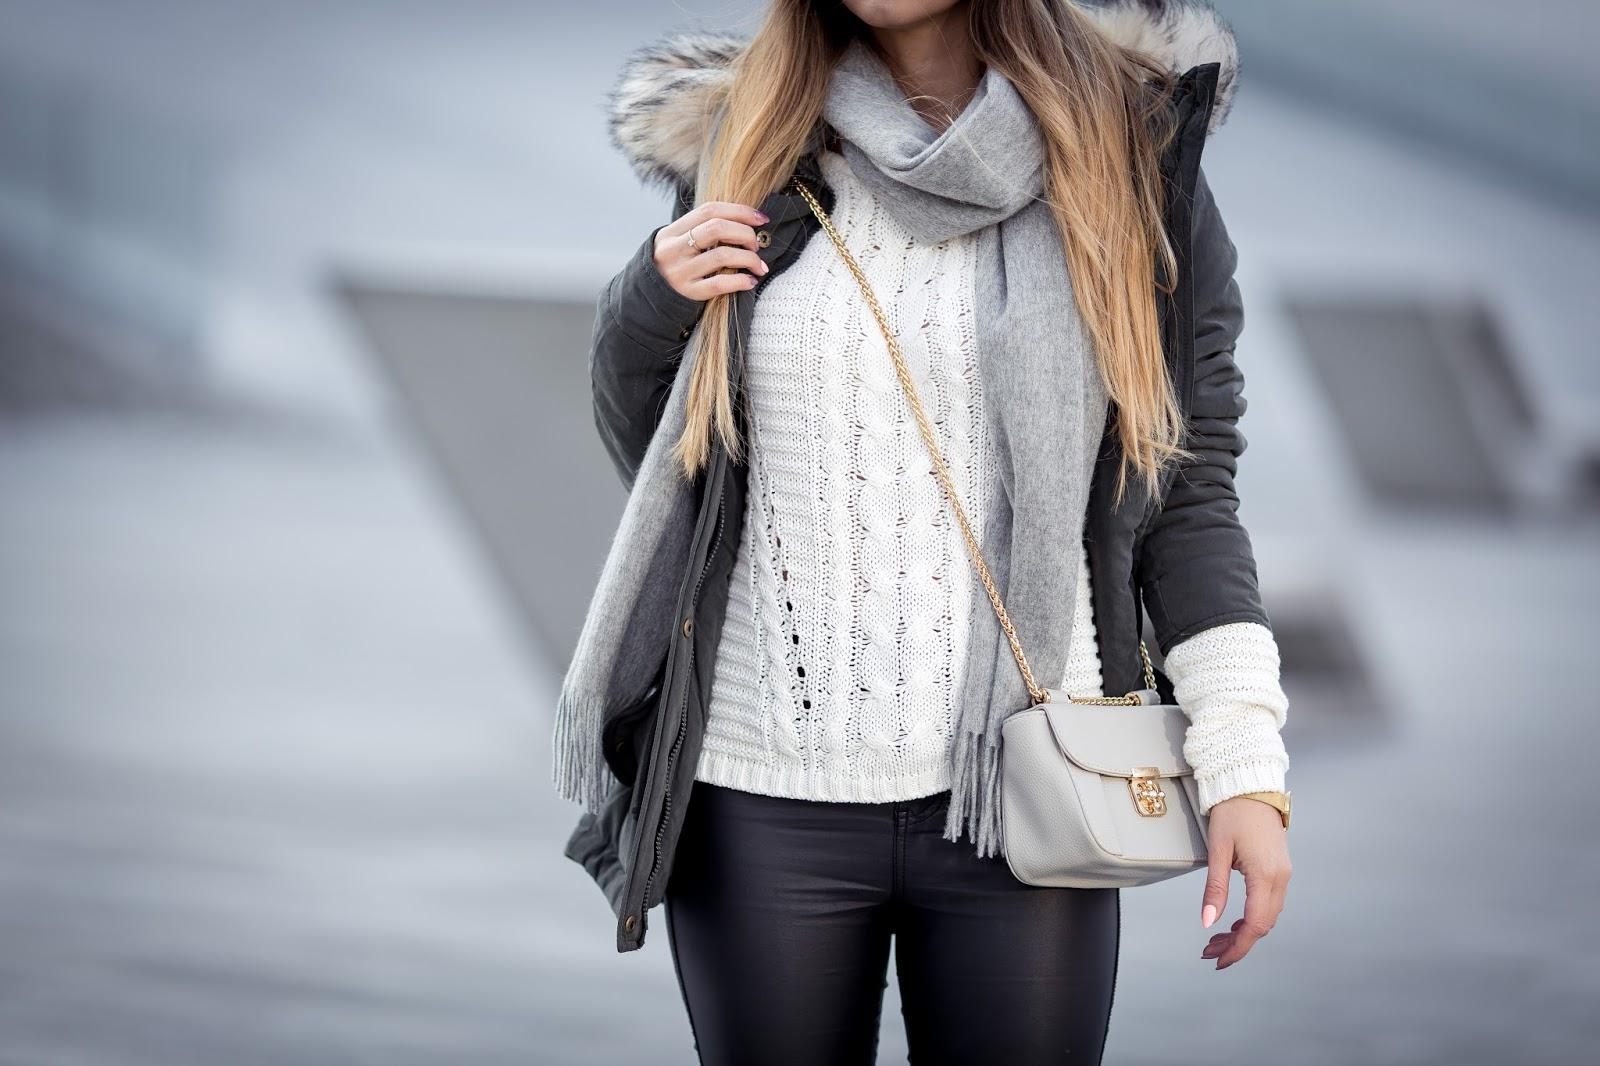 Kurtki i płaszcze damskie Top Secret idealne na każdą porę roku. Stylowe kurtki i płaszcze od lat cieszą się popularnością wśród kobiet dbających o swój wygląd. Każda z nas ma kilka płaszczy i kurtek w swojej garderobie – od wiosennych trenczy po ciepłe, otulające puchowe kurtki na zimę. W zależności od rodzaju sylwetki możemy wybrać długi płaszcz wysmuklający figurę, lub krótką kurtkę, która będzie .